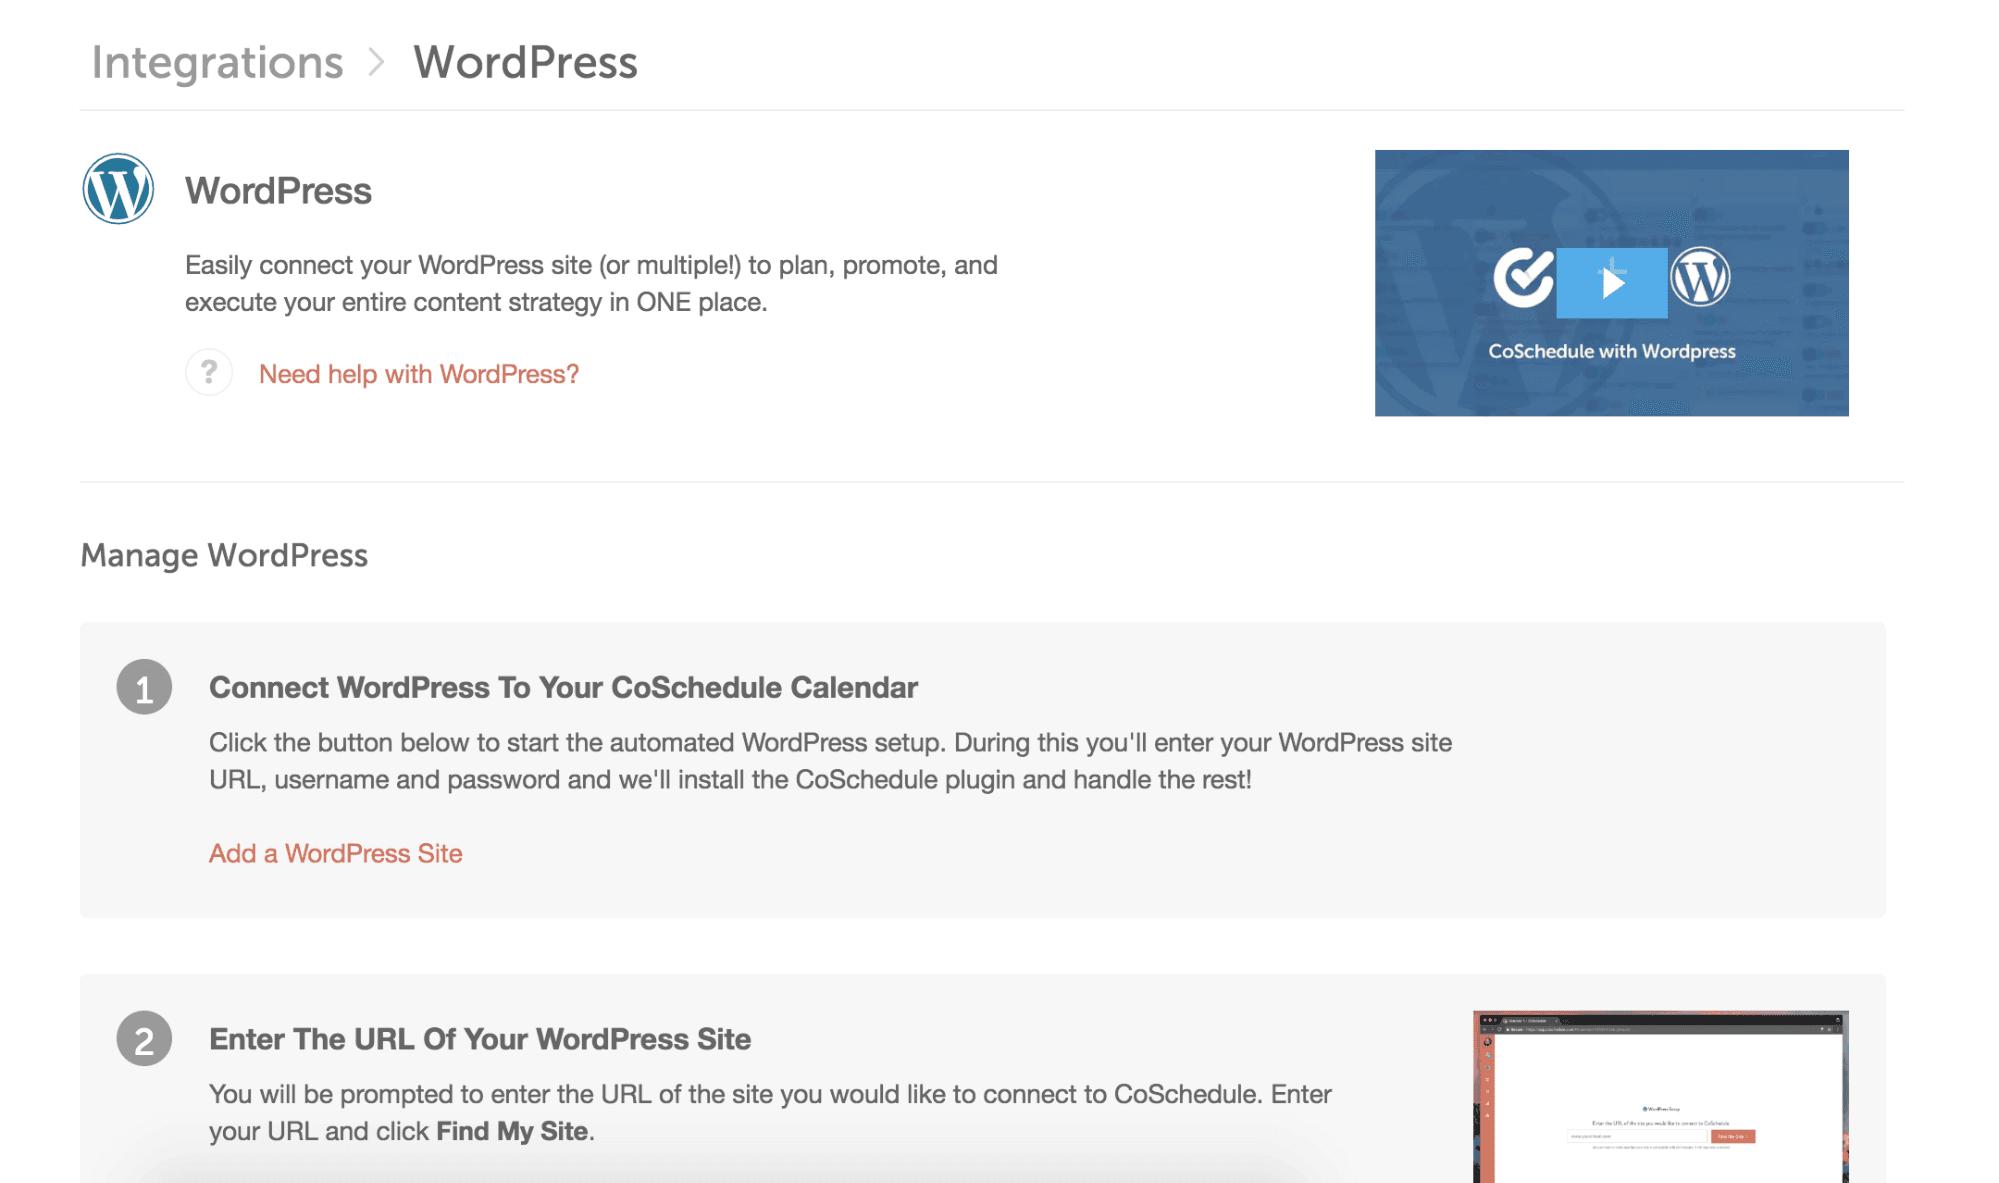 Wordpress prompts